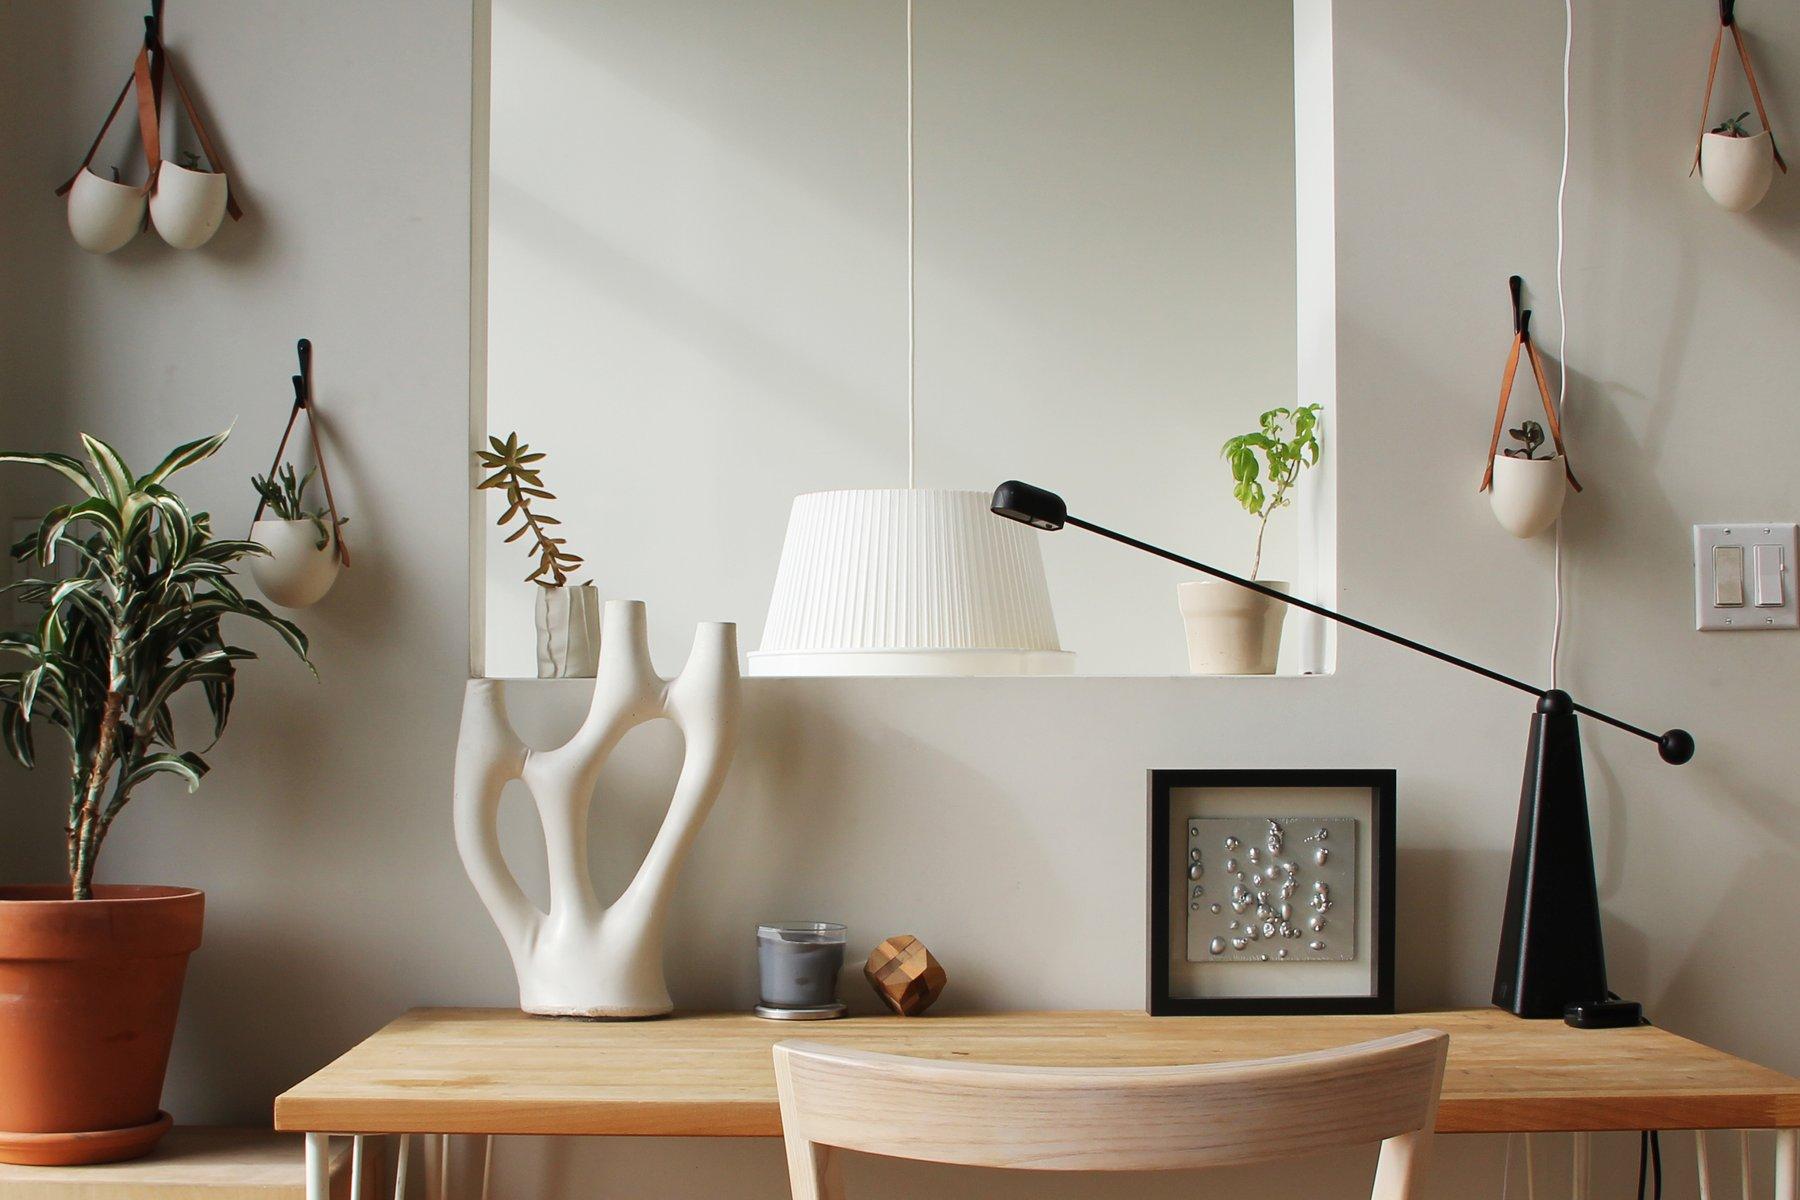 kreten kronleuchter in grau von isaac friedman heiman f r souda bei pamono kaufen. Black Bedroom Furniture Sets. Home Design Ideas